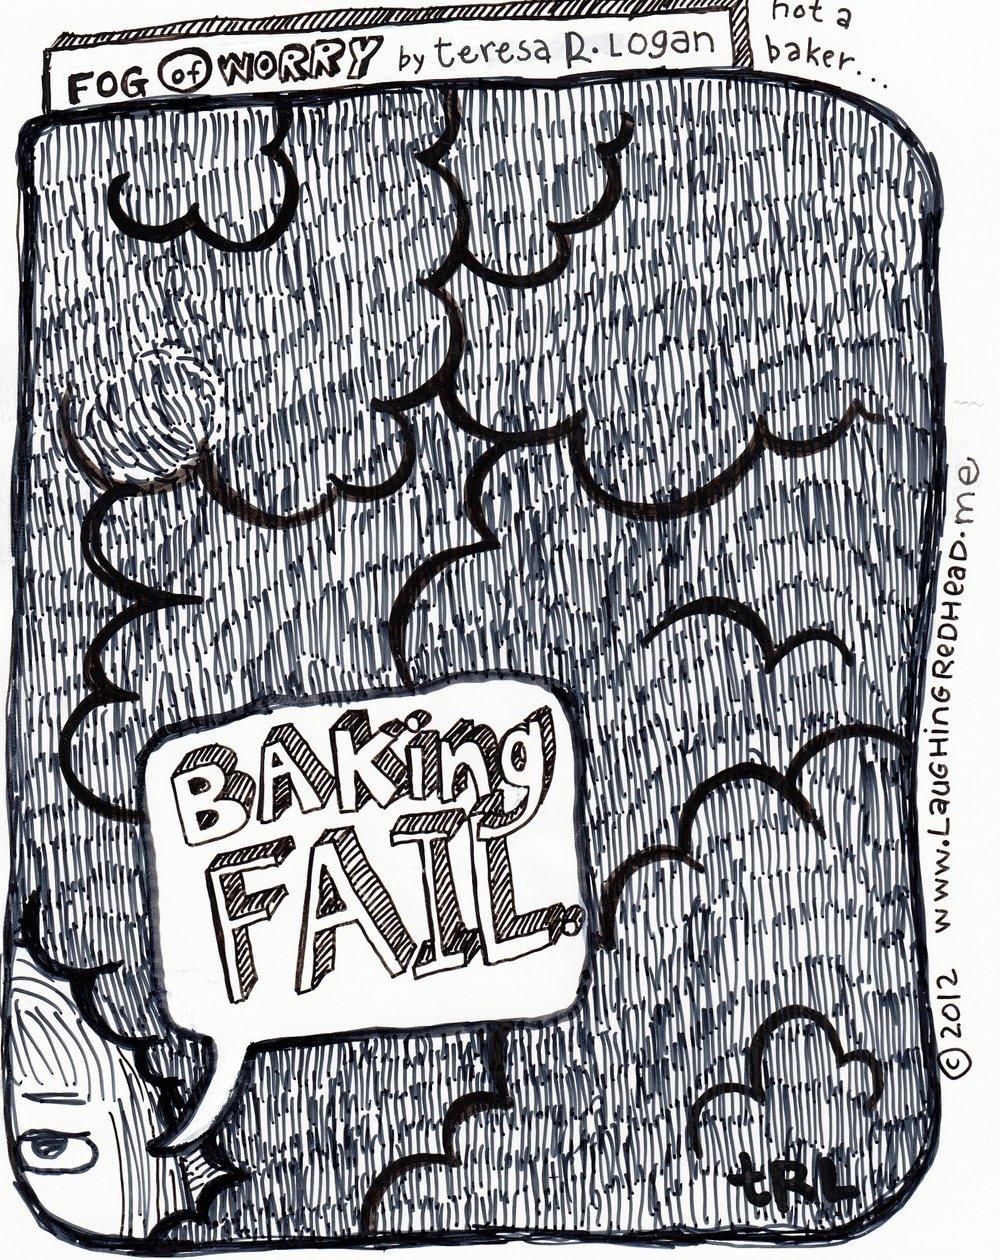 bakingfail.jpg